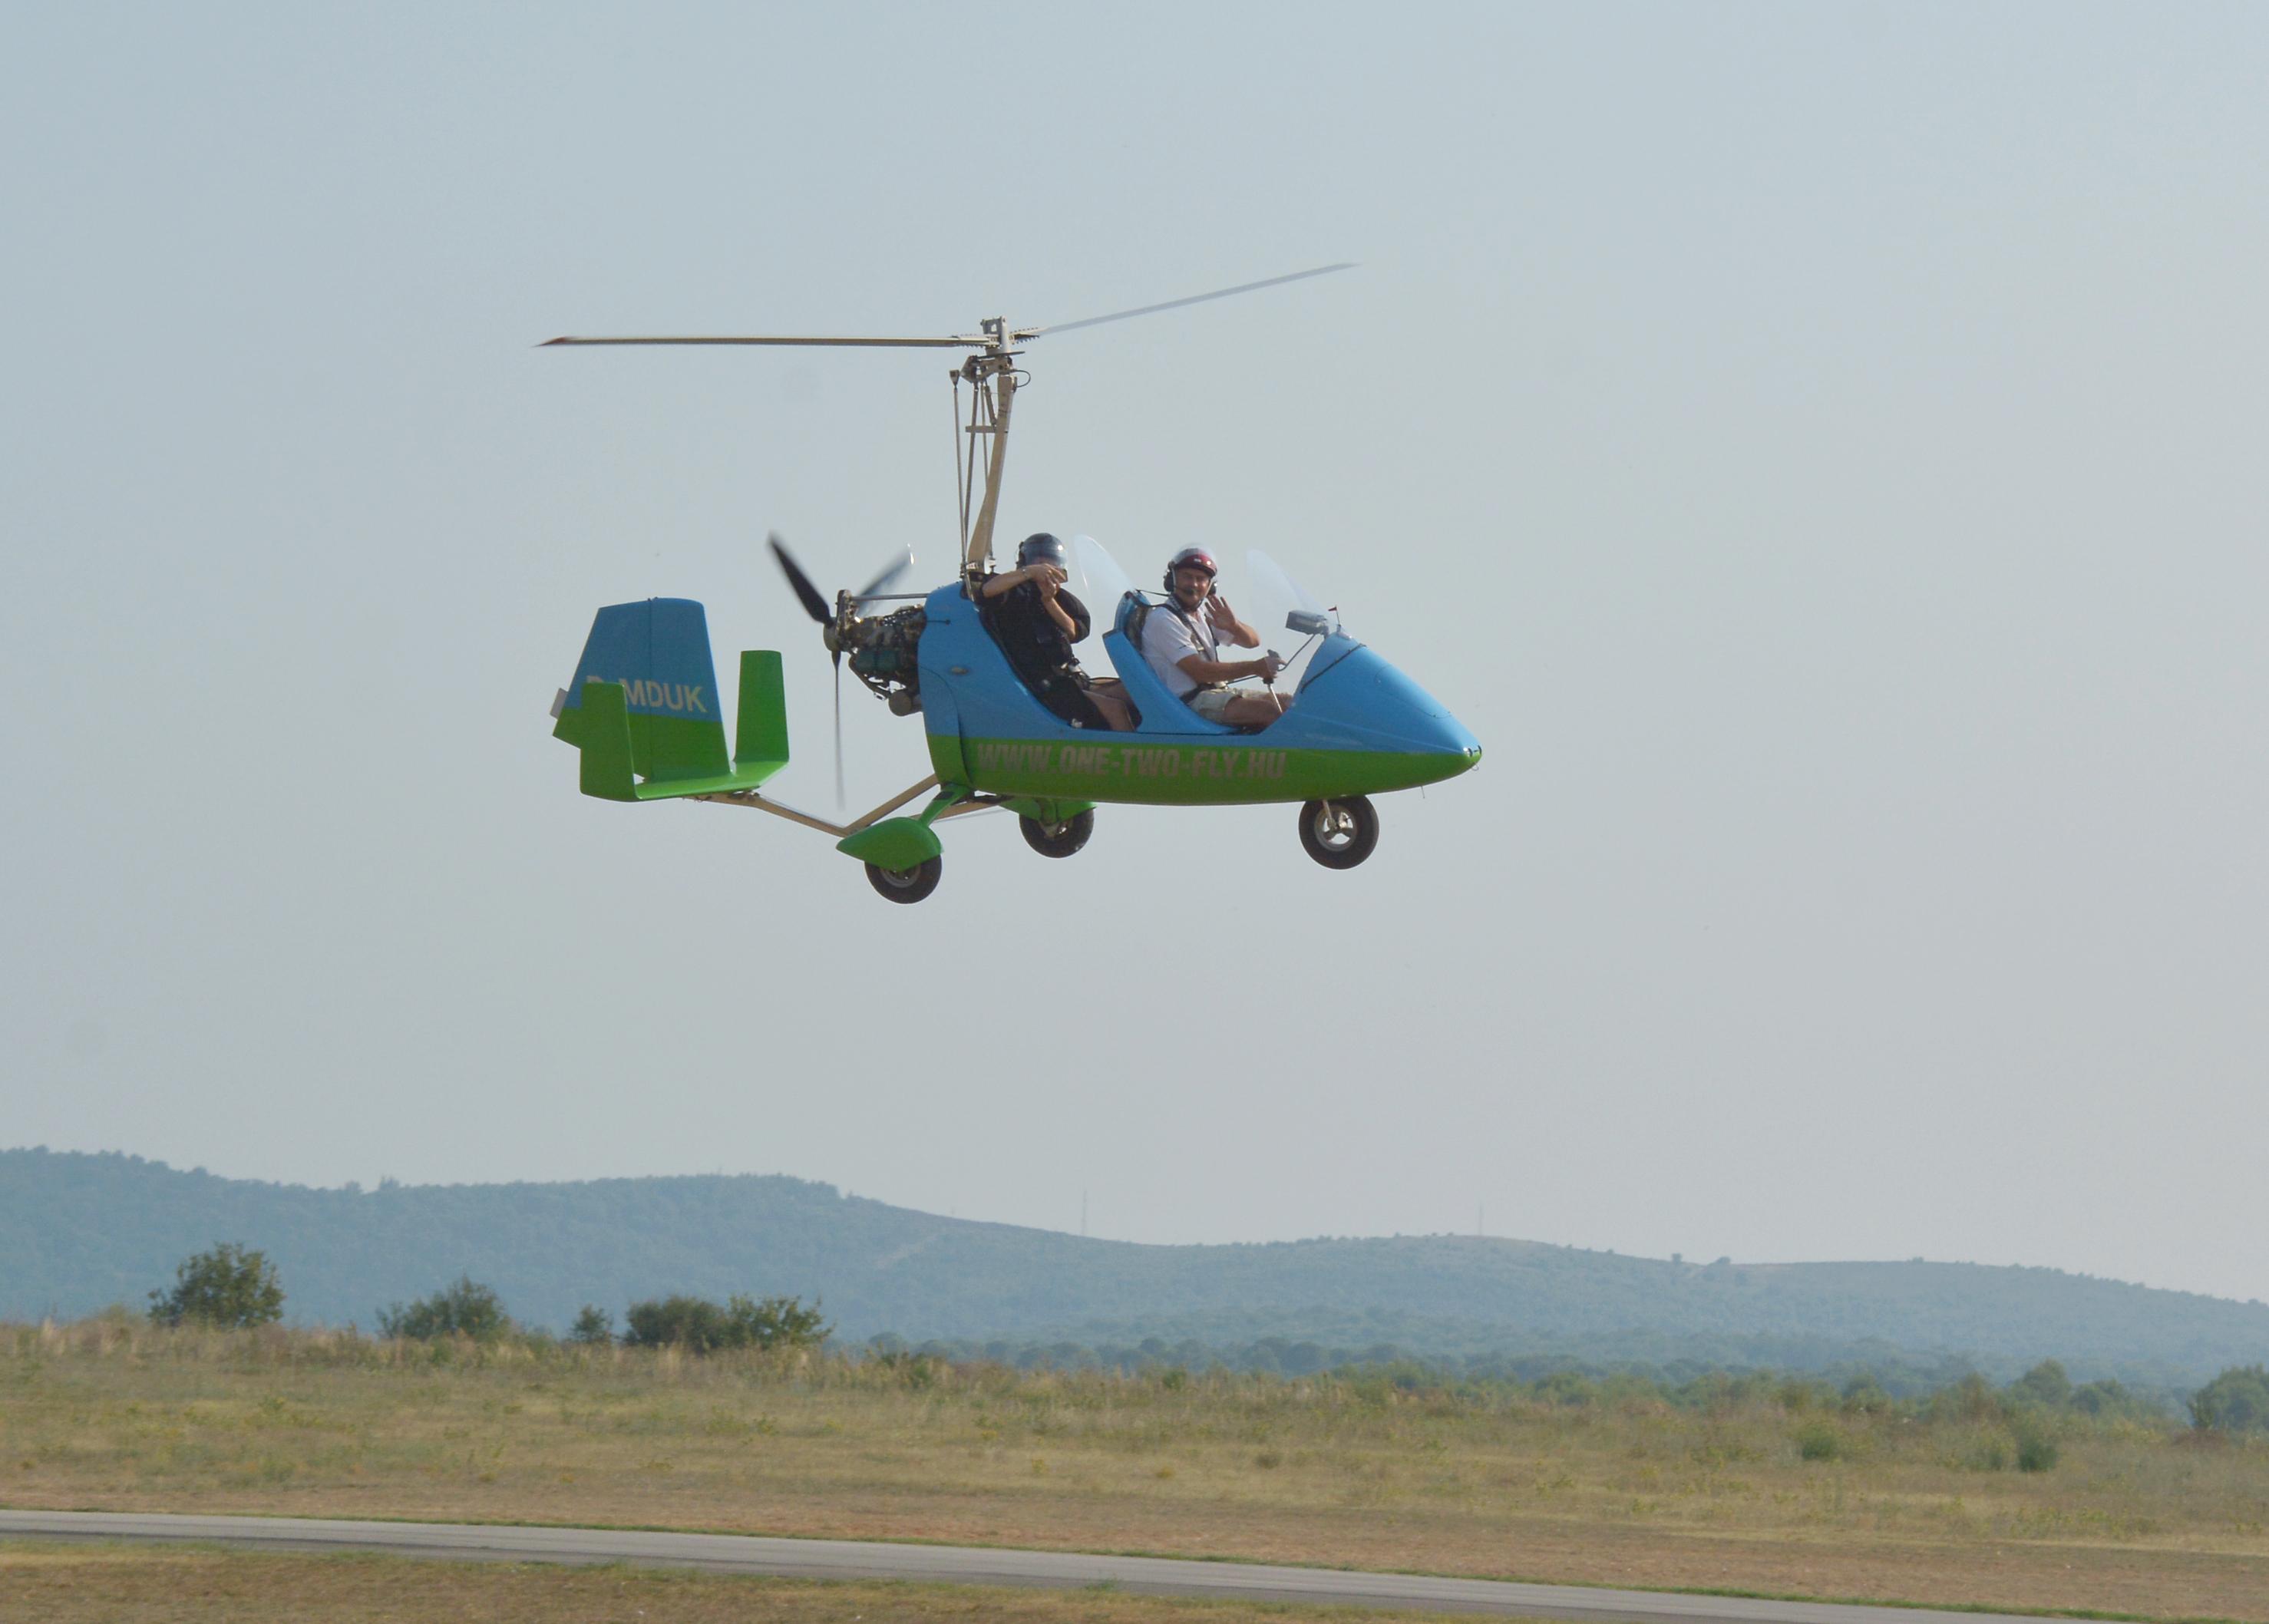 brzina druženja u avionu druženje za starije osobe